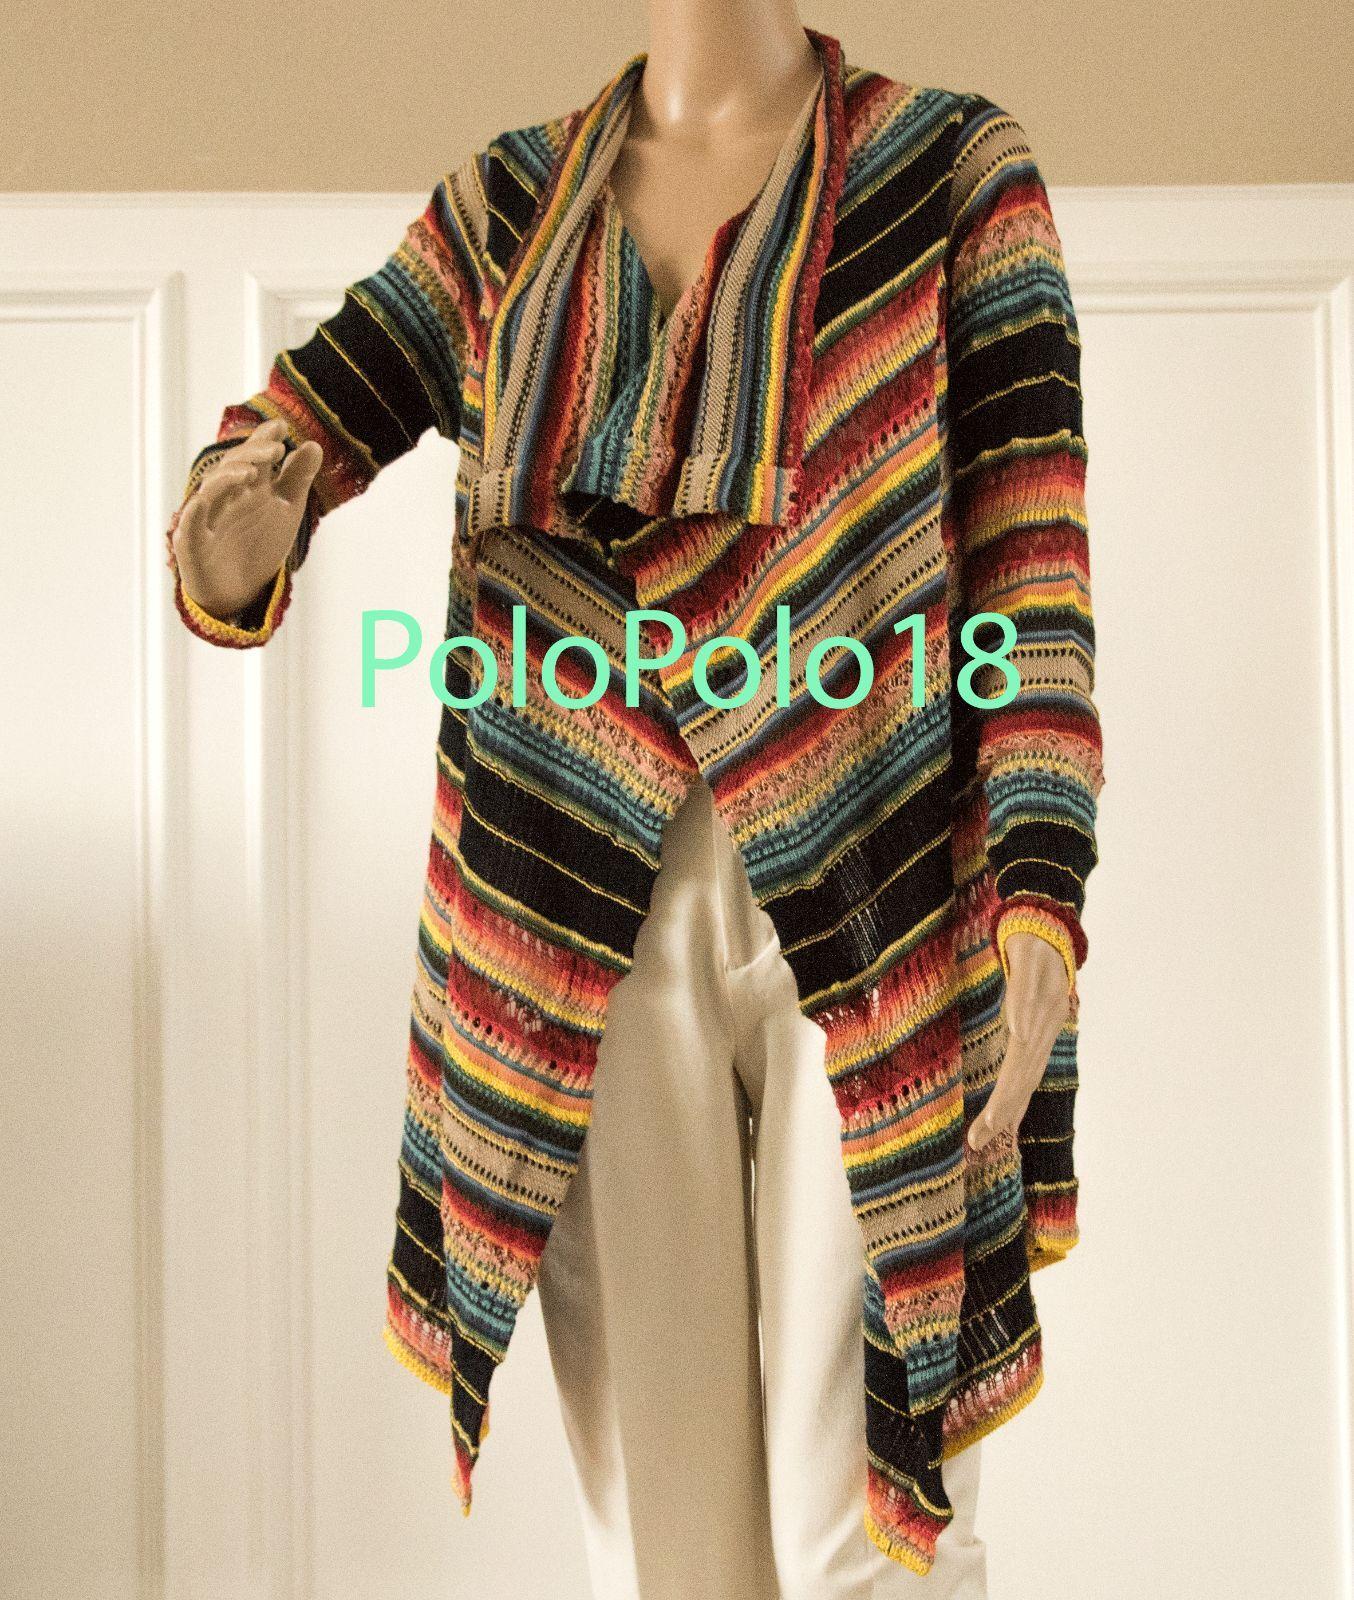 Nouve598 Polo Ralph Lauren Femme Linen Knit Cardigan Sweater XS S M L